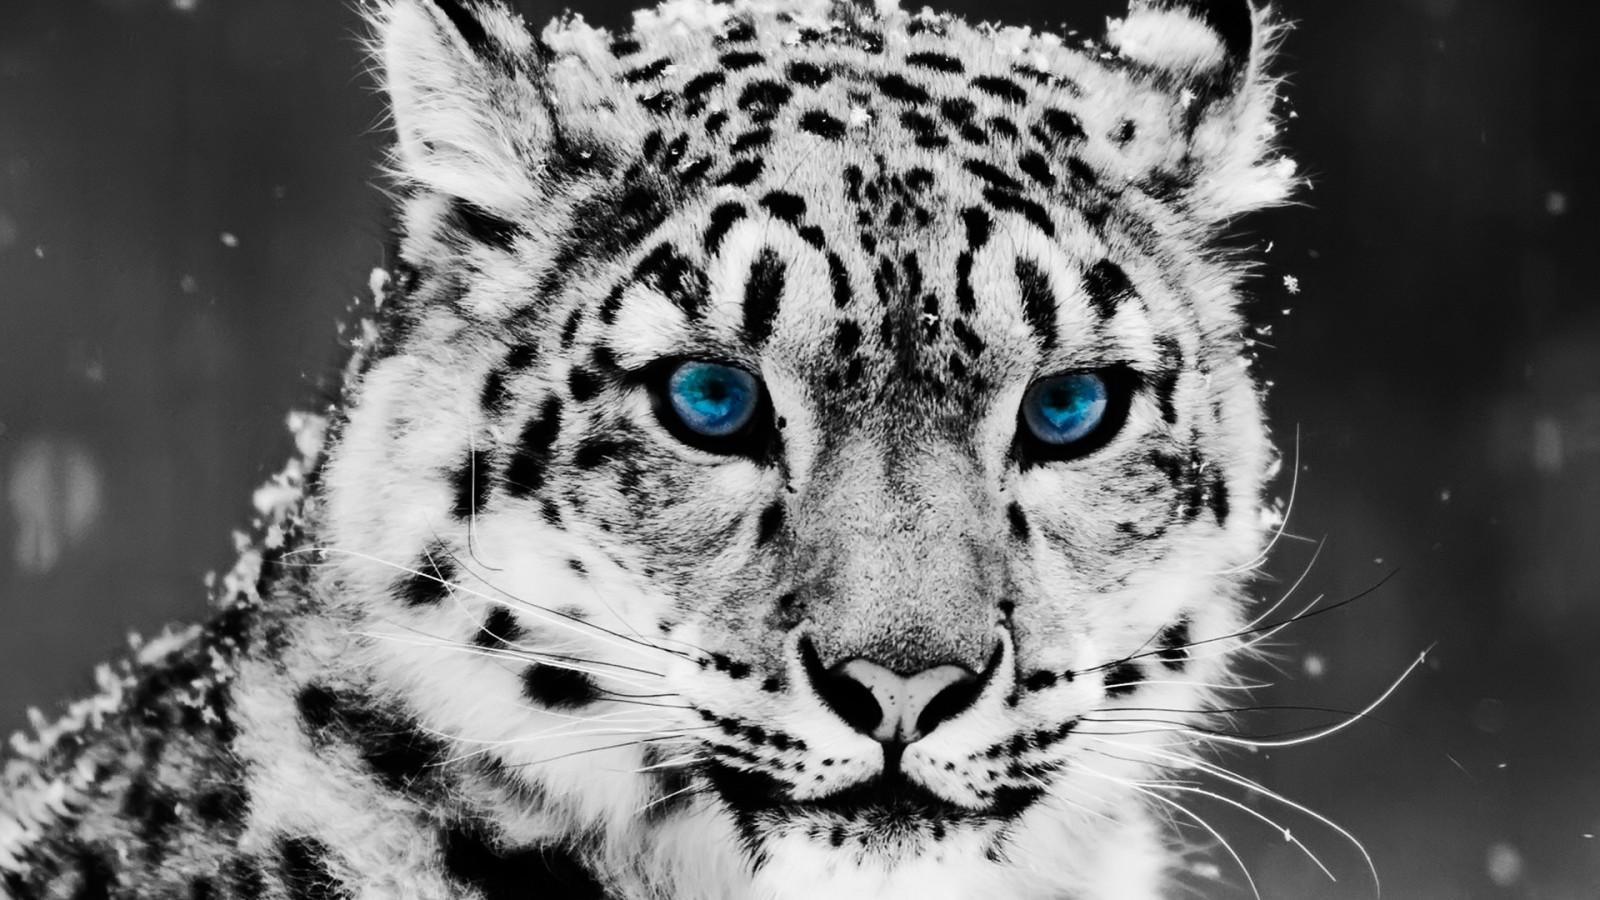 Wallpaper hewan satu warna harimau mewarnai selektif margasatwa kucing besar cambang macan tulul Jaguar macan tutul salju Macan Tutul Salju